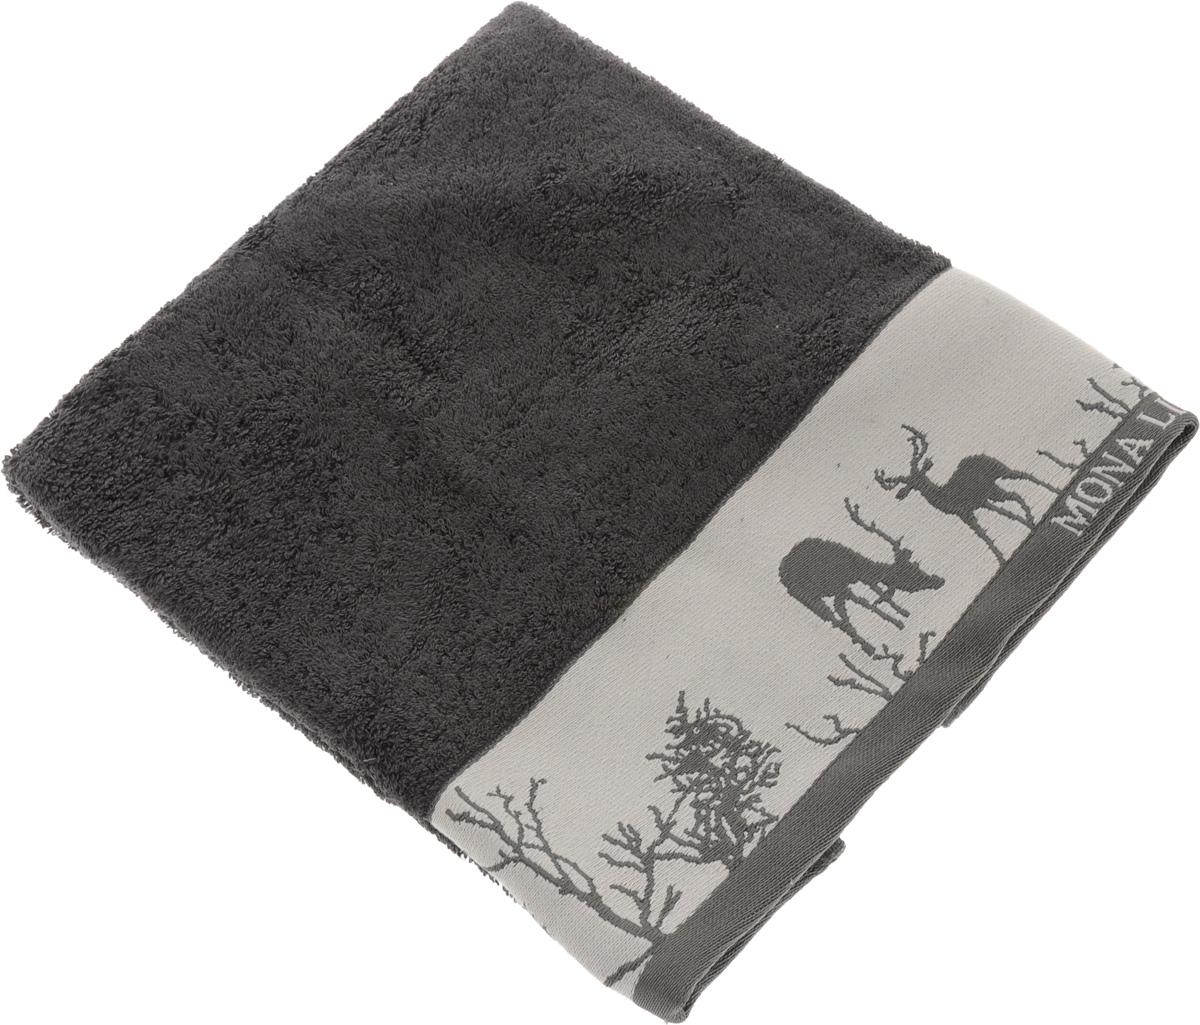 Полотенце Mona Liza Wild, цвет: графит, светло-серый, 50 х 90 см529675/1Мягкое полотенце Wild изготовлено из 30% хлопка и 70% бамбукового волокна. Полотенце Wild с жаккардовым бордюром обладает высокой впитывающей способностью и сочетает в себе элегантную роскошь и практичность. Благодаря высокому качеству изготовления, полотенце будет радовать вас многие годы. Мотивы коллекции Mona Liza Premium bu Serg Look навеяны итальянскими фресками эпохи Ренессанса, периода удивительной гармонии в искусстве. В представленной коллекции для нанесения на ткань рисунка применяется многоцветная печать, метод реактивного крашения, который позволяет создать уникальную цветовую гамму, напоминающую старинные фрески. Этот метод также обеспечивает высокую устойчивость краски при стирке.